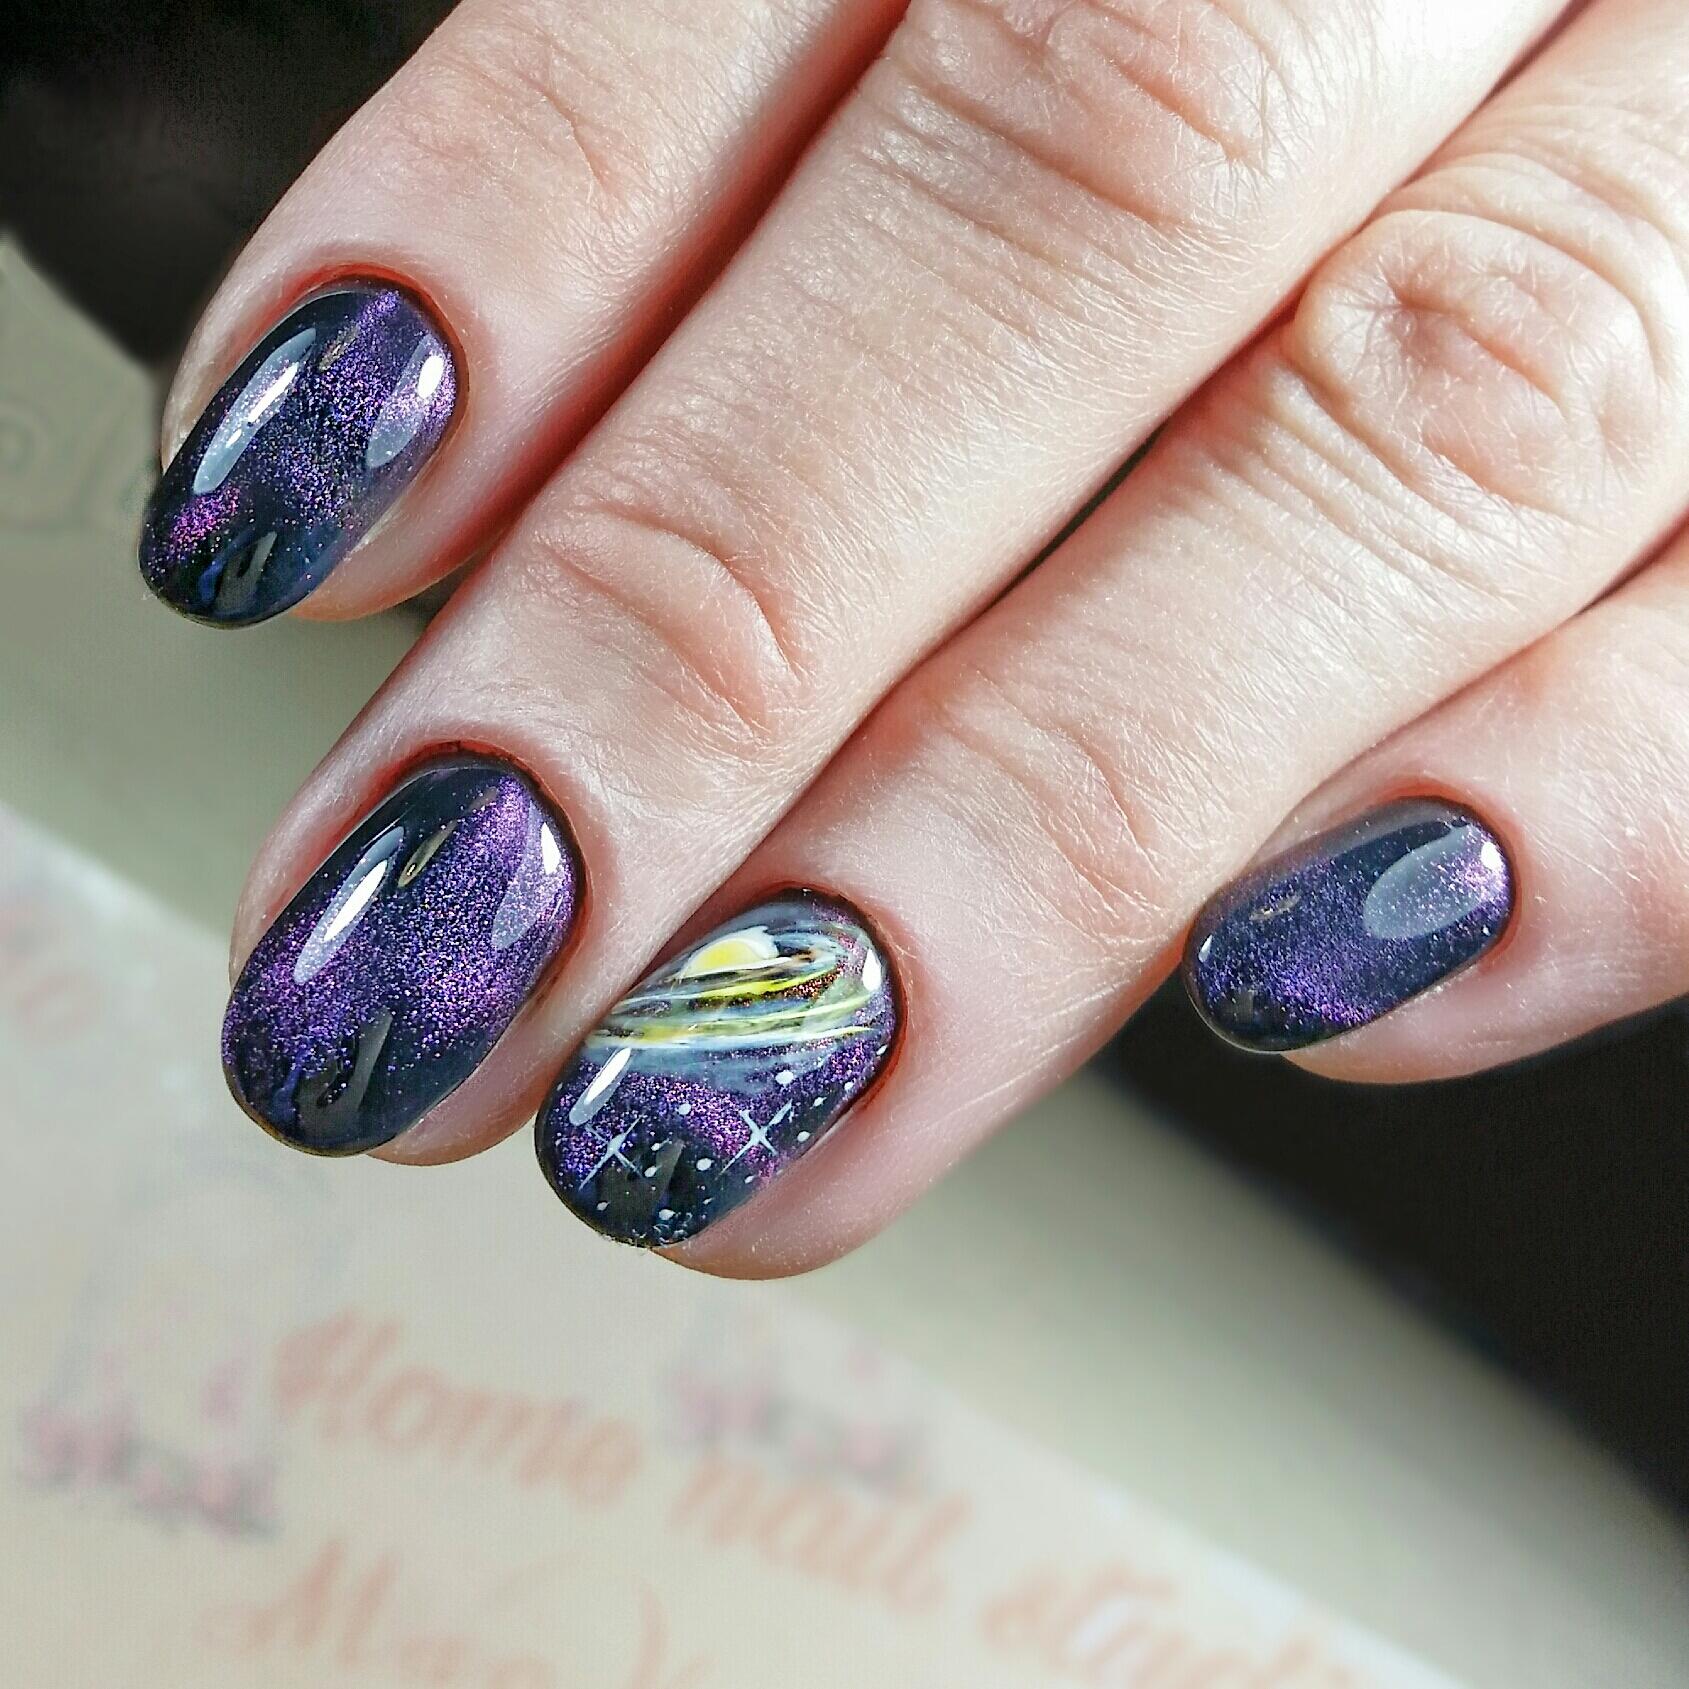 Маникюр в чёрном цвете с фиолетовым эффектом кошачий глаз и космическим рисунком.